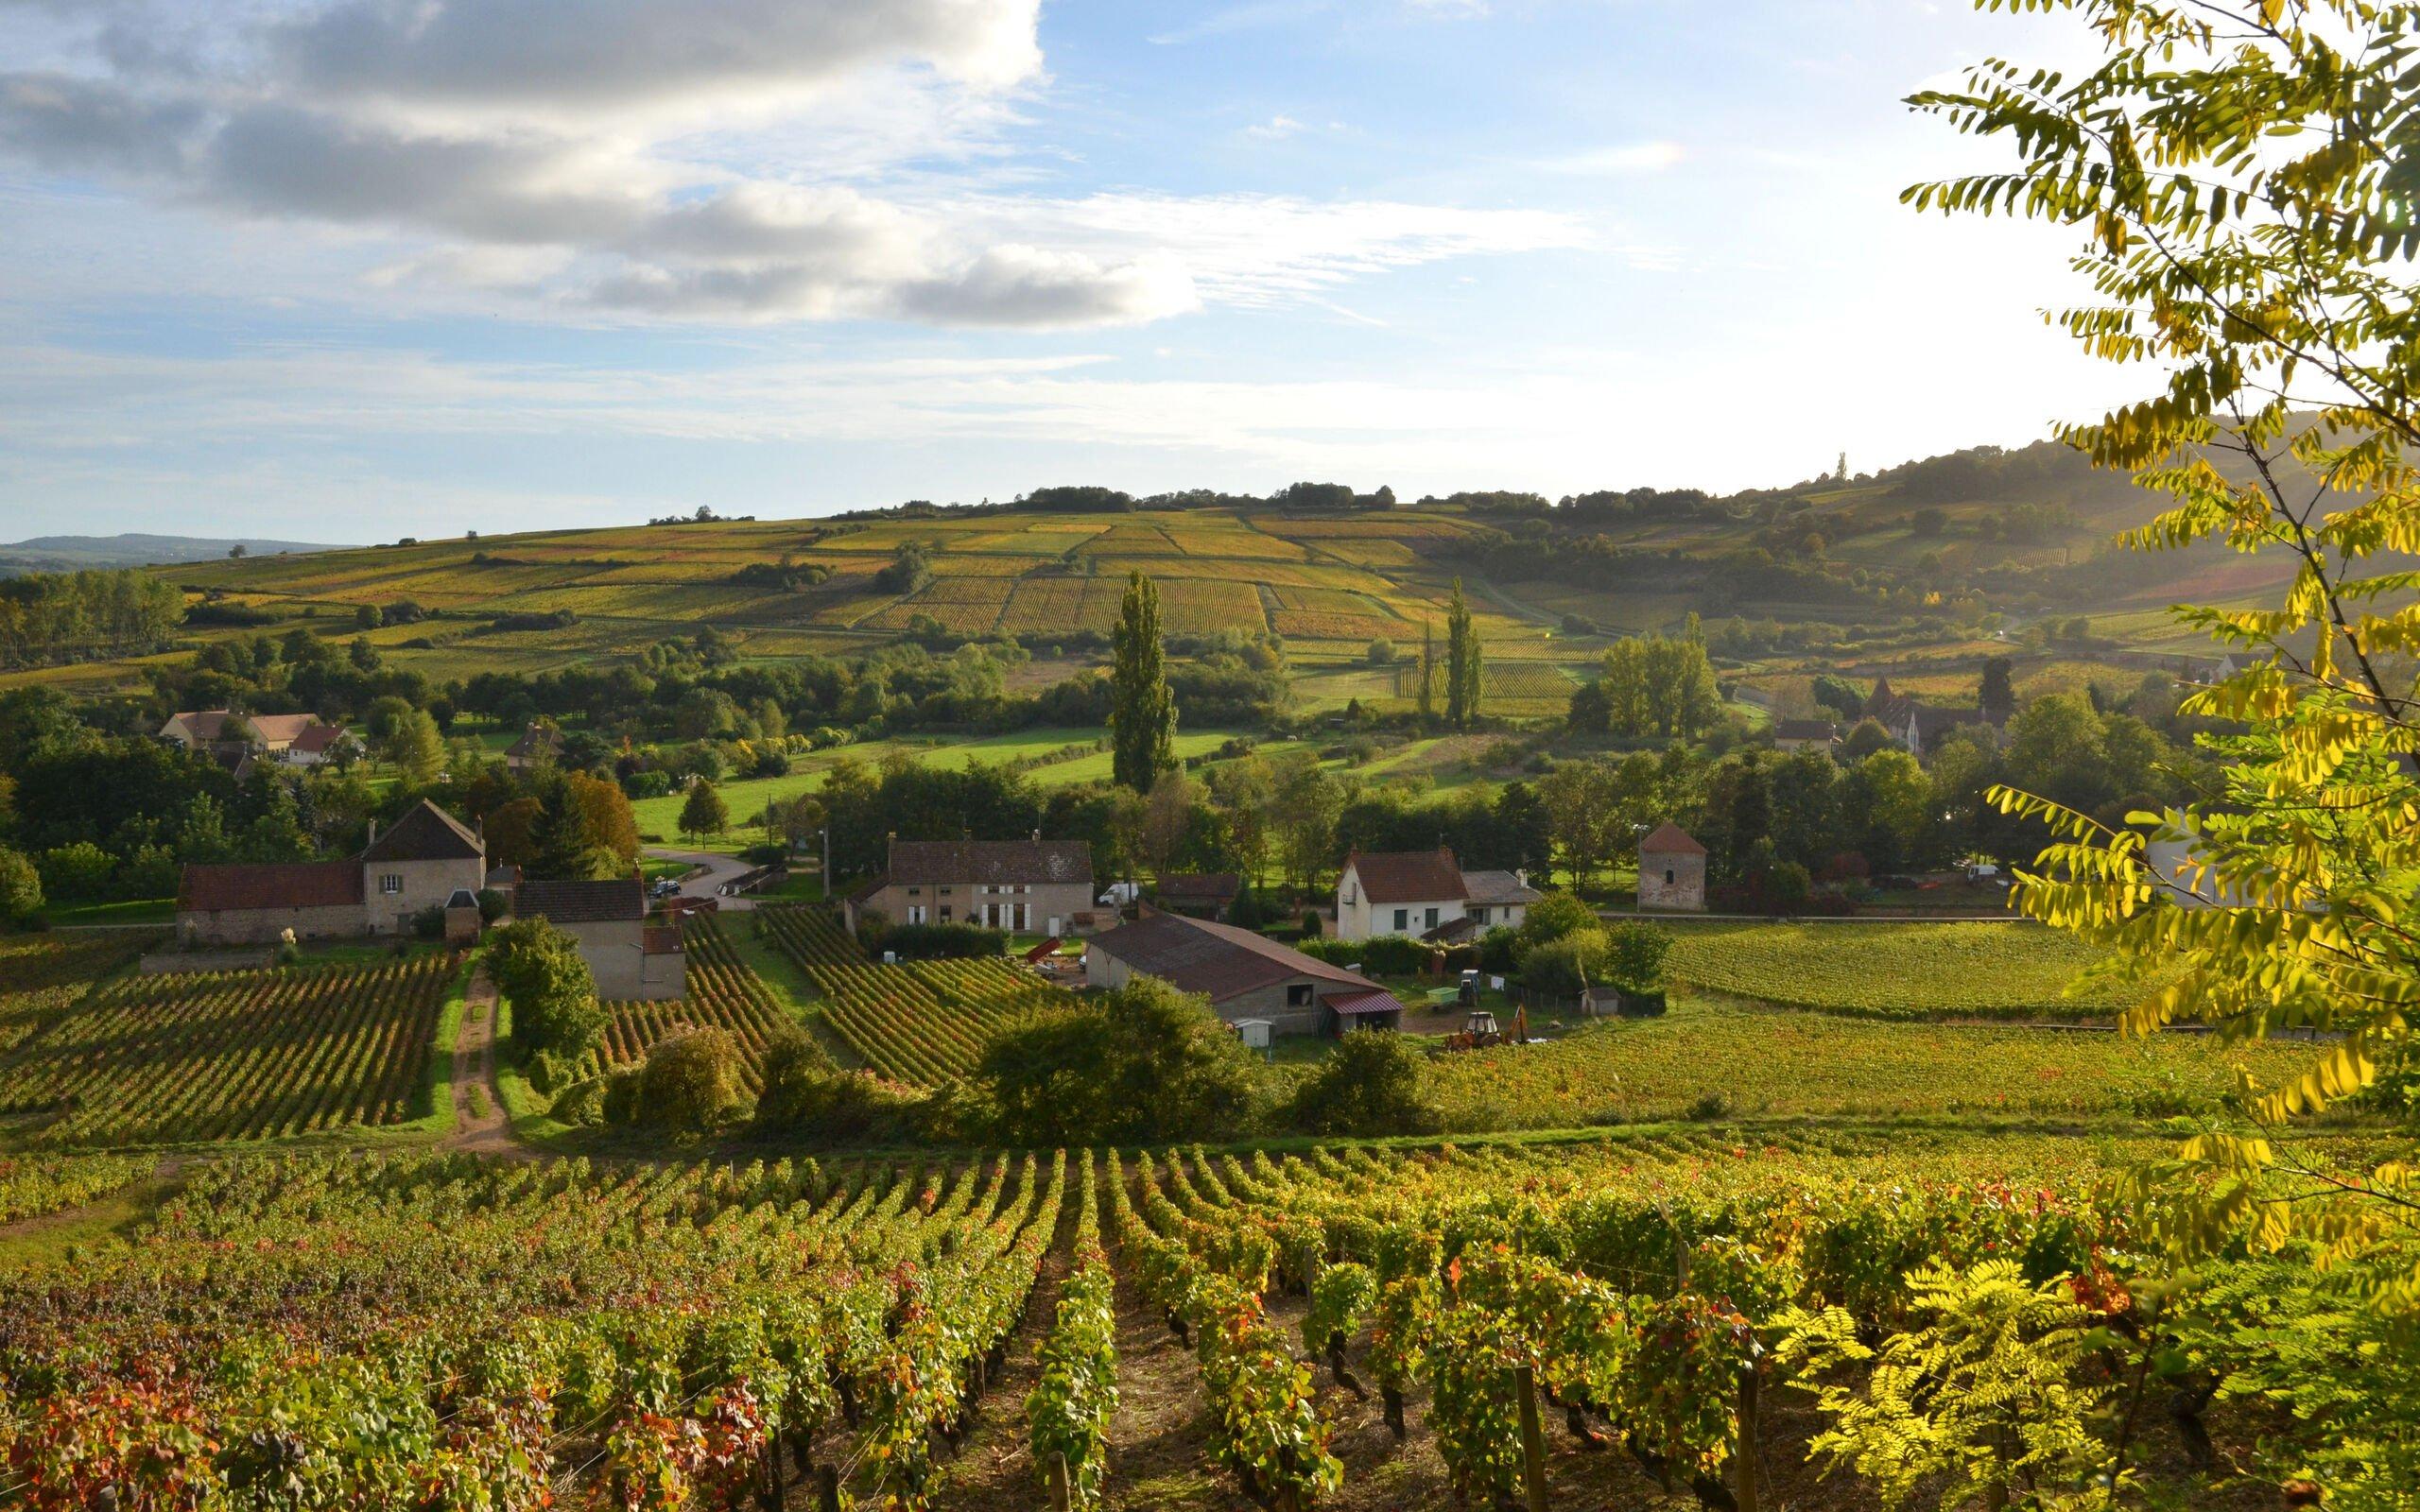 burgund-rundreise-landschaft-weinberge-0FN_0799